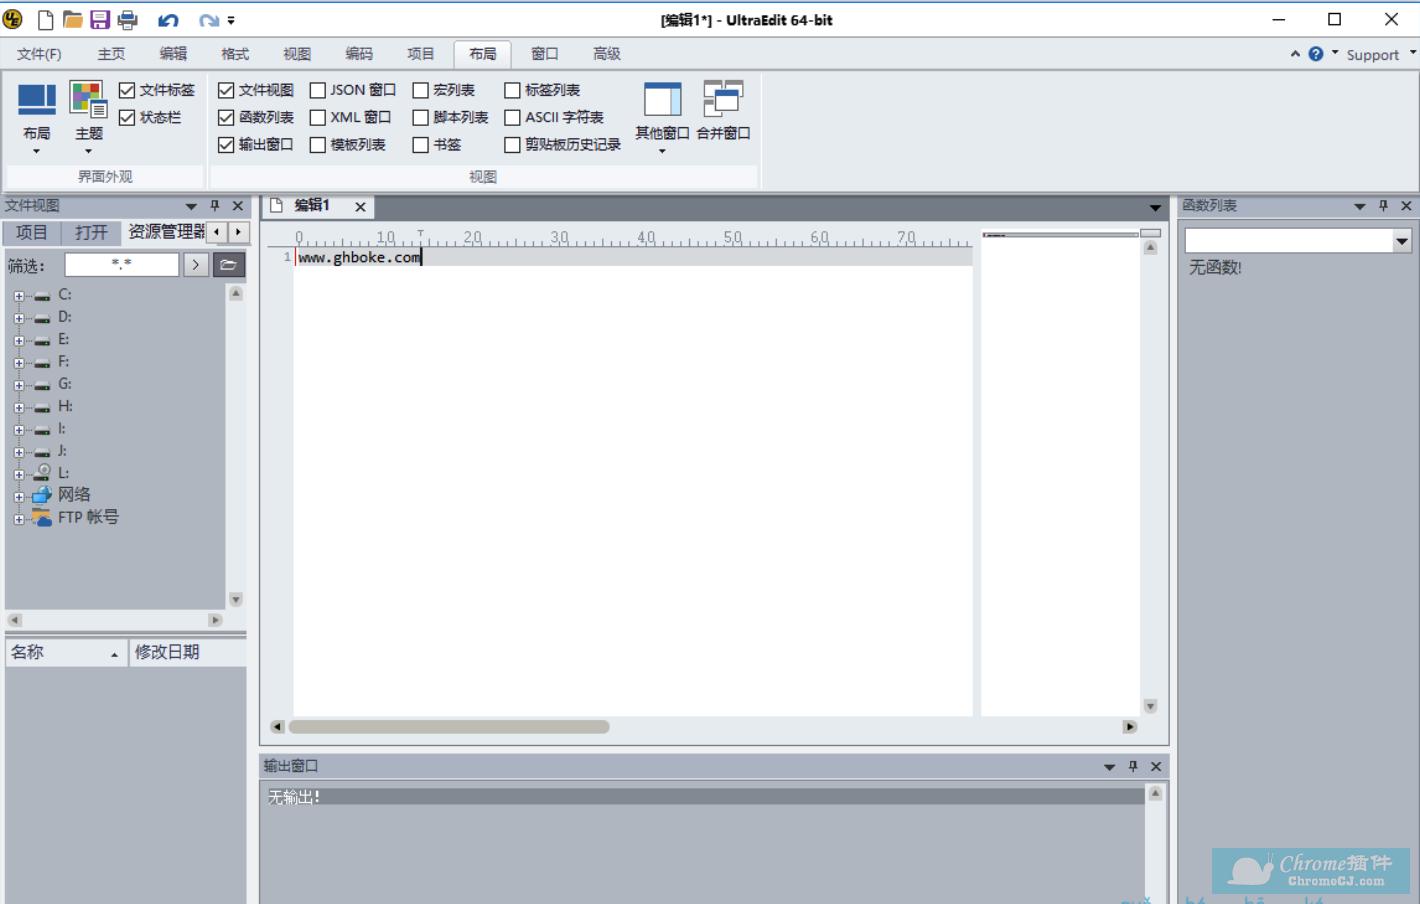 UltraEdit代码编辑器 v27.10.0.108 绿色版